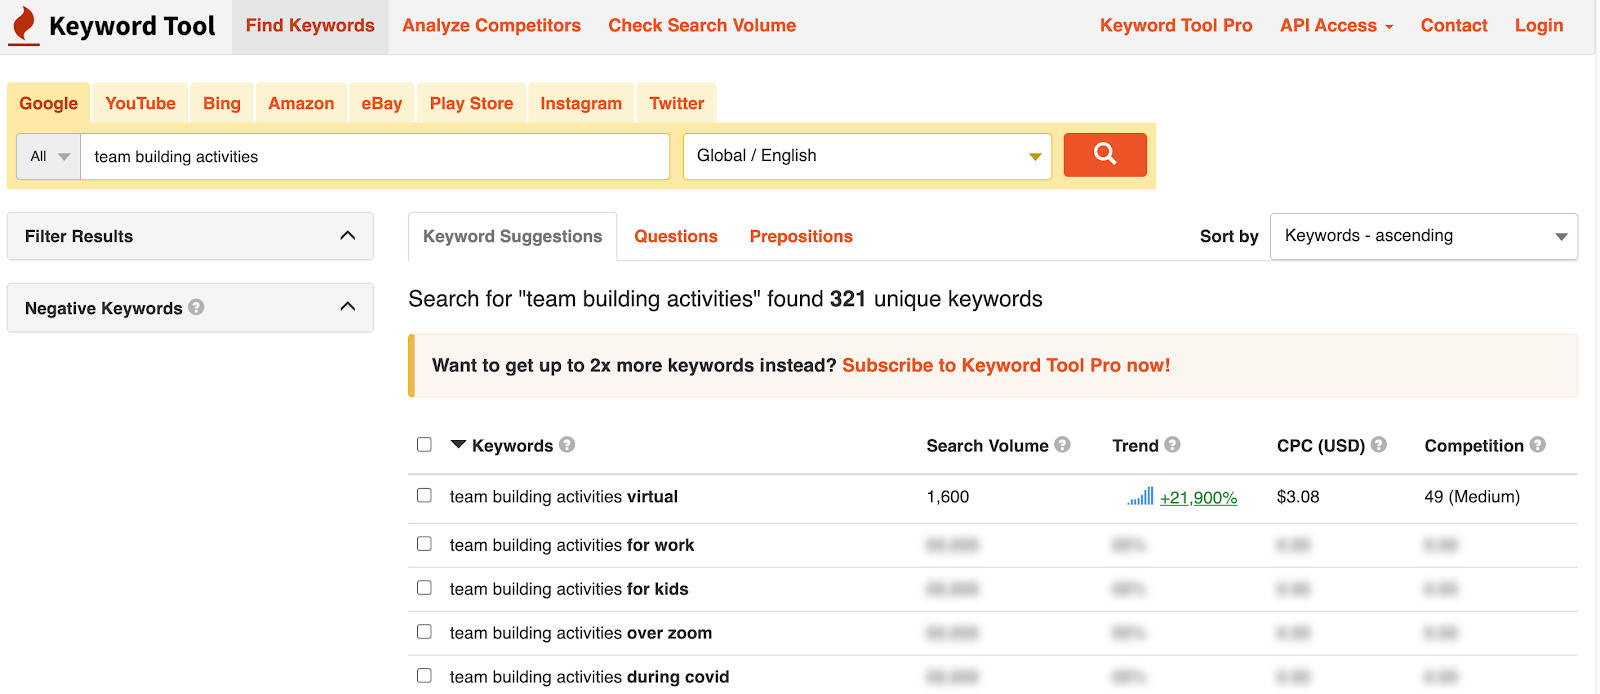 Keywordtool.io keyword search result page